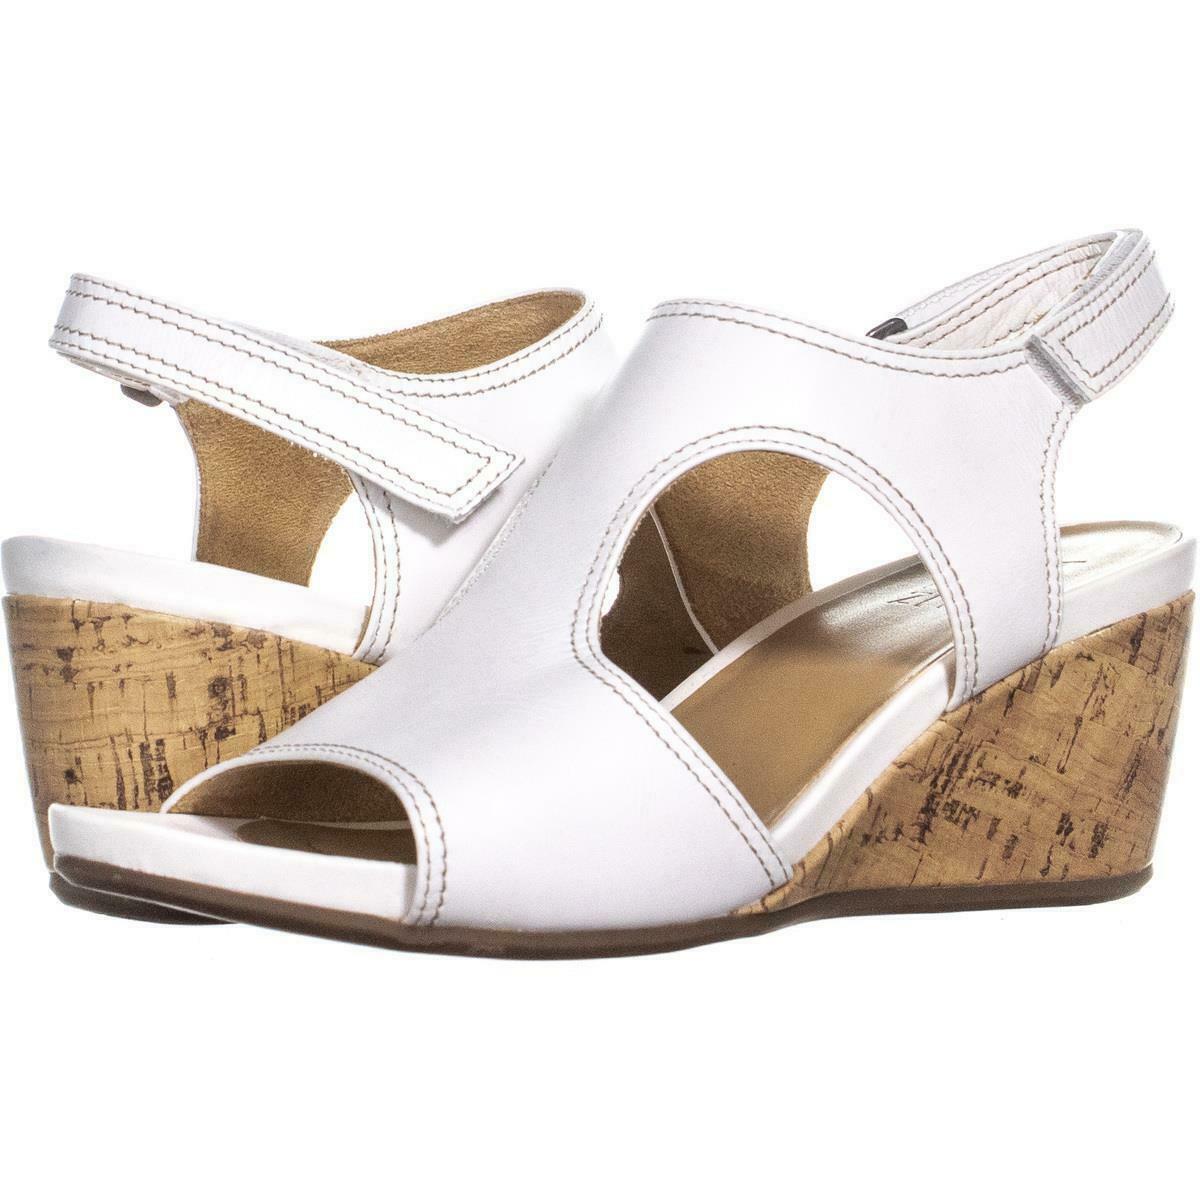 d6d8e4c36721 naturalizer Cinda Wedge Sandals 666